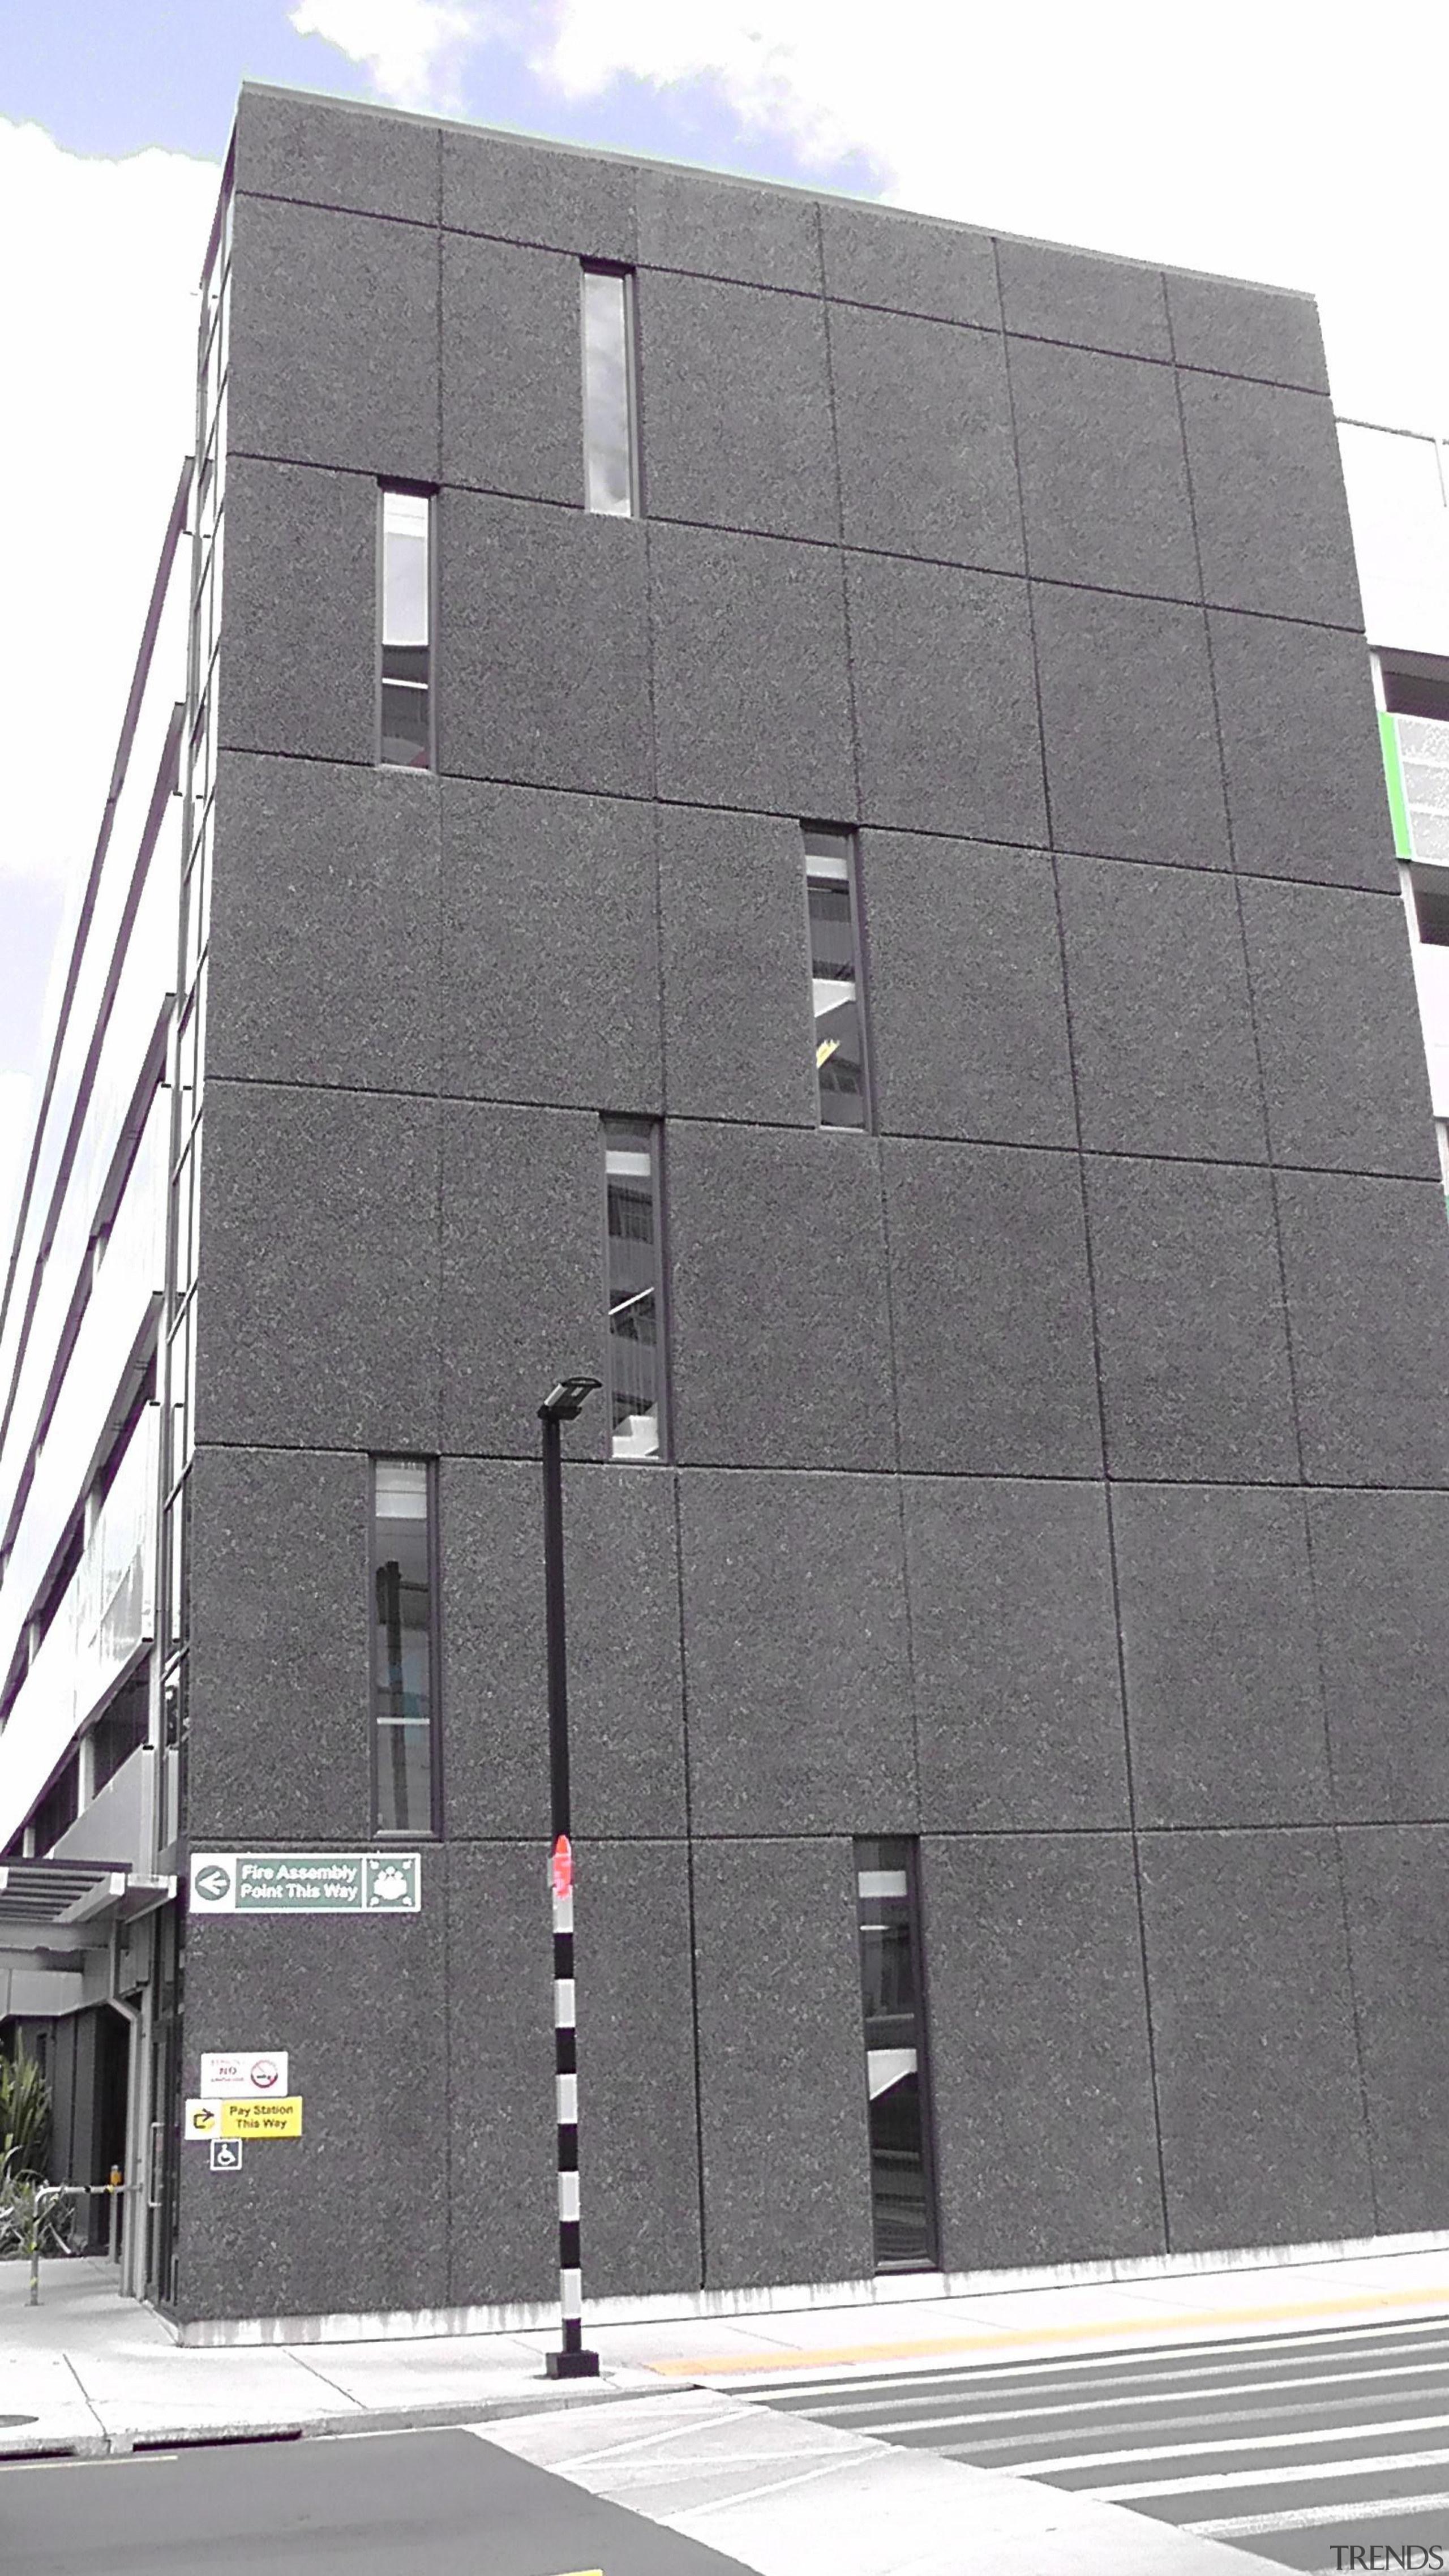 Colourmix 3 - Colourmix_3 - architecture | brutalist architecture, brutalist architecture, building, commercial building, facade, structure, wall, gray